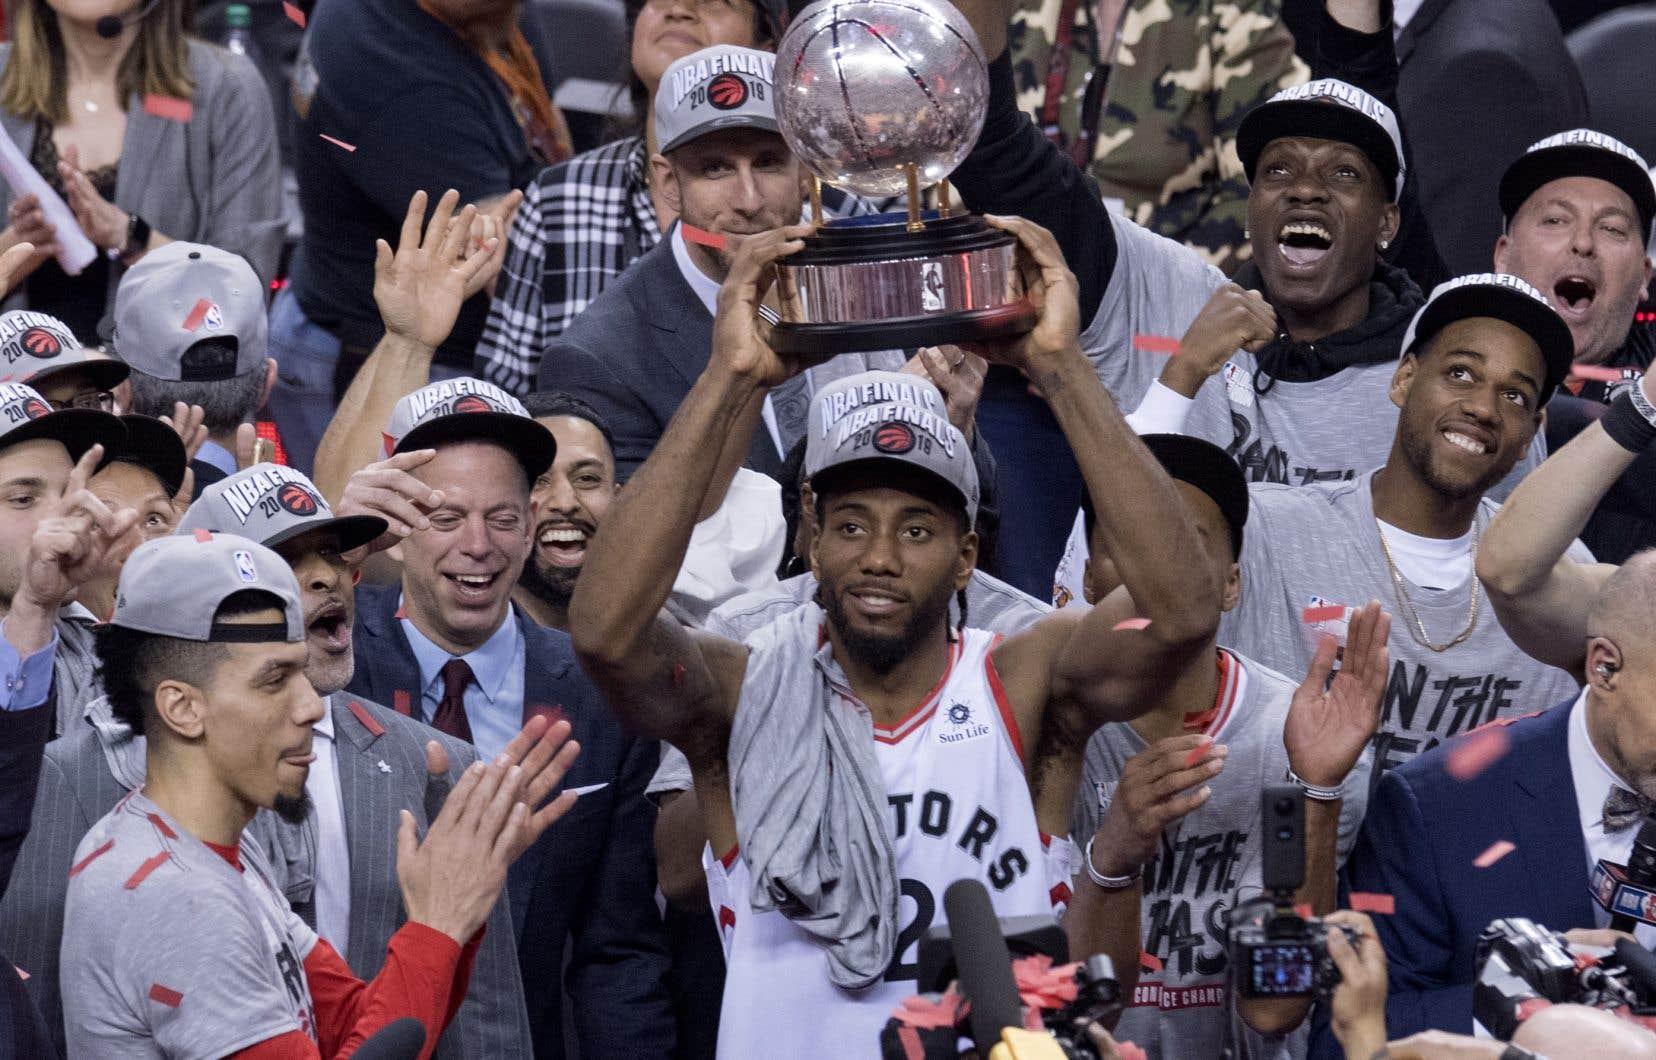 Les Raptors de Toronto participeront pour la première fois de leur histoire à la grande finale de la NBA après avoir remporté le championnat de l'Association de l'Est.